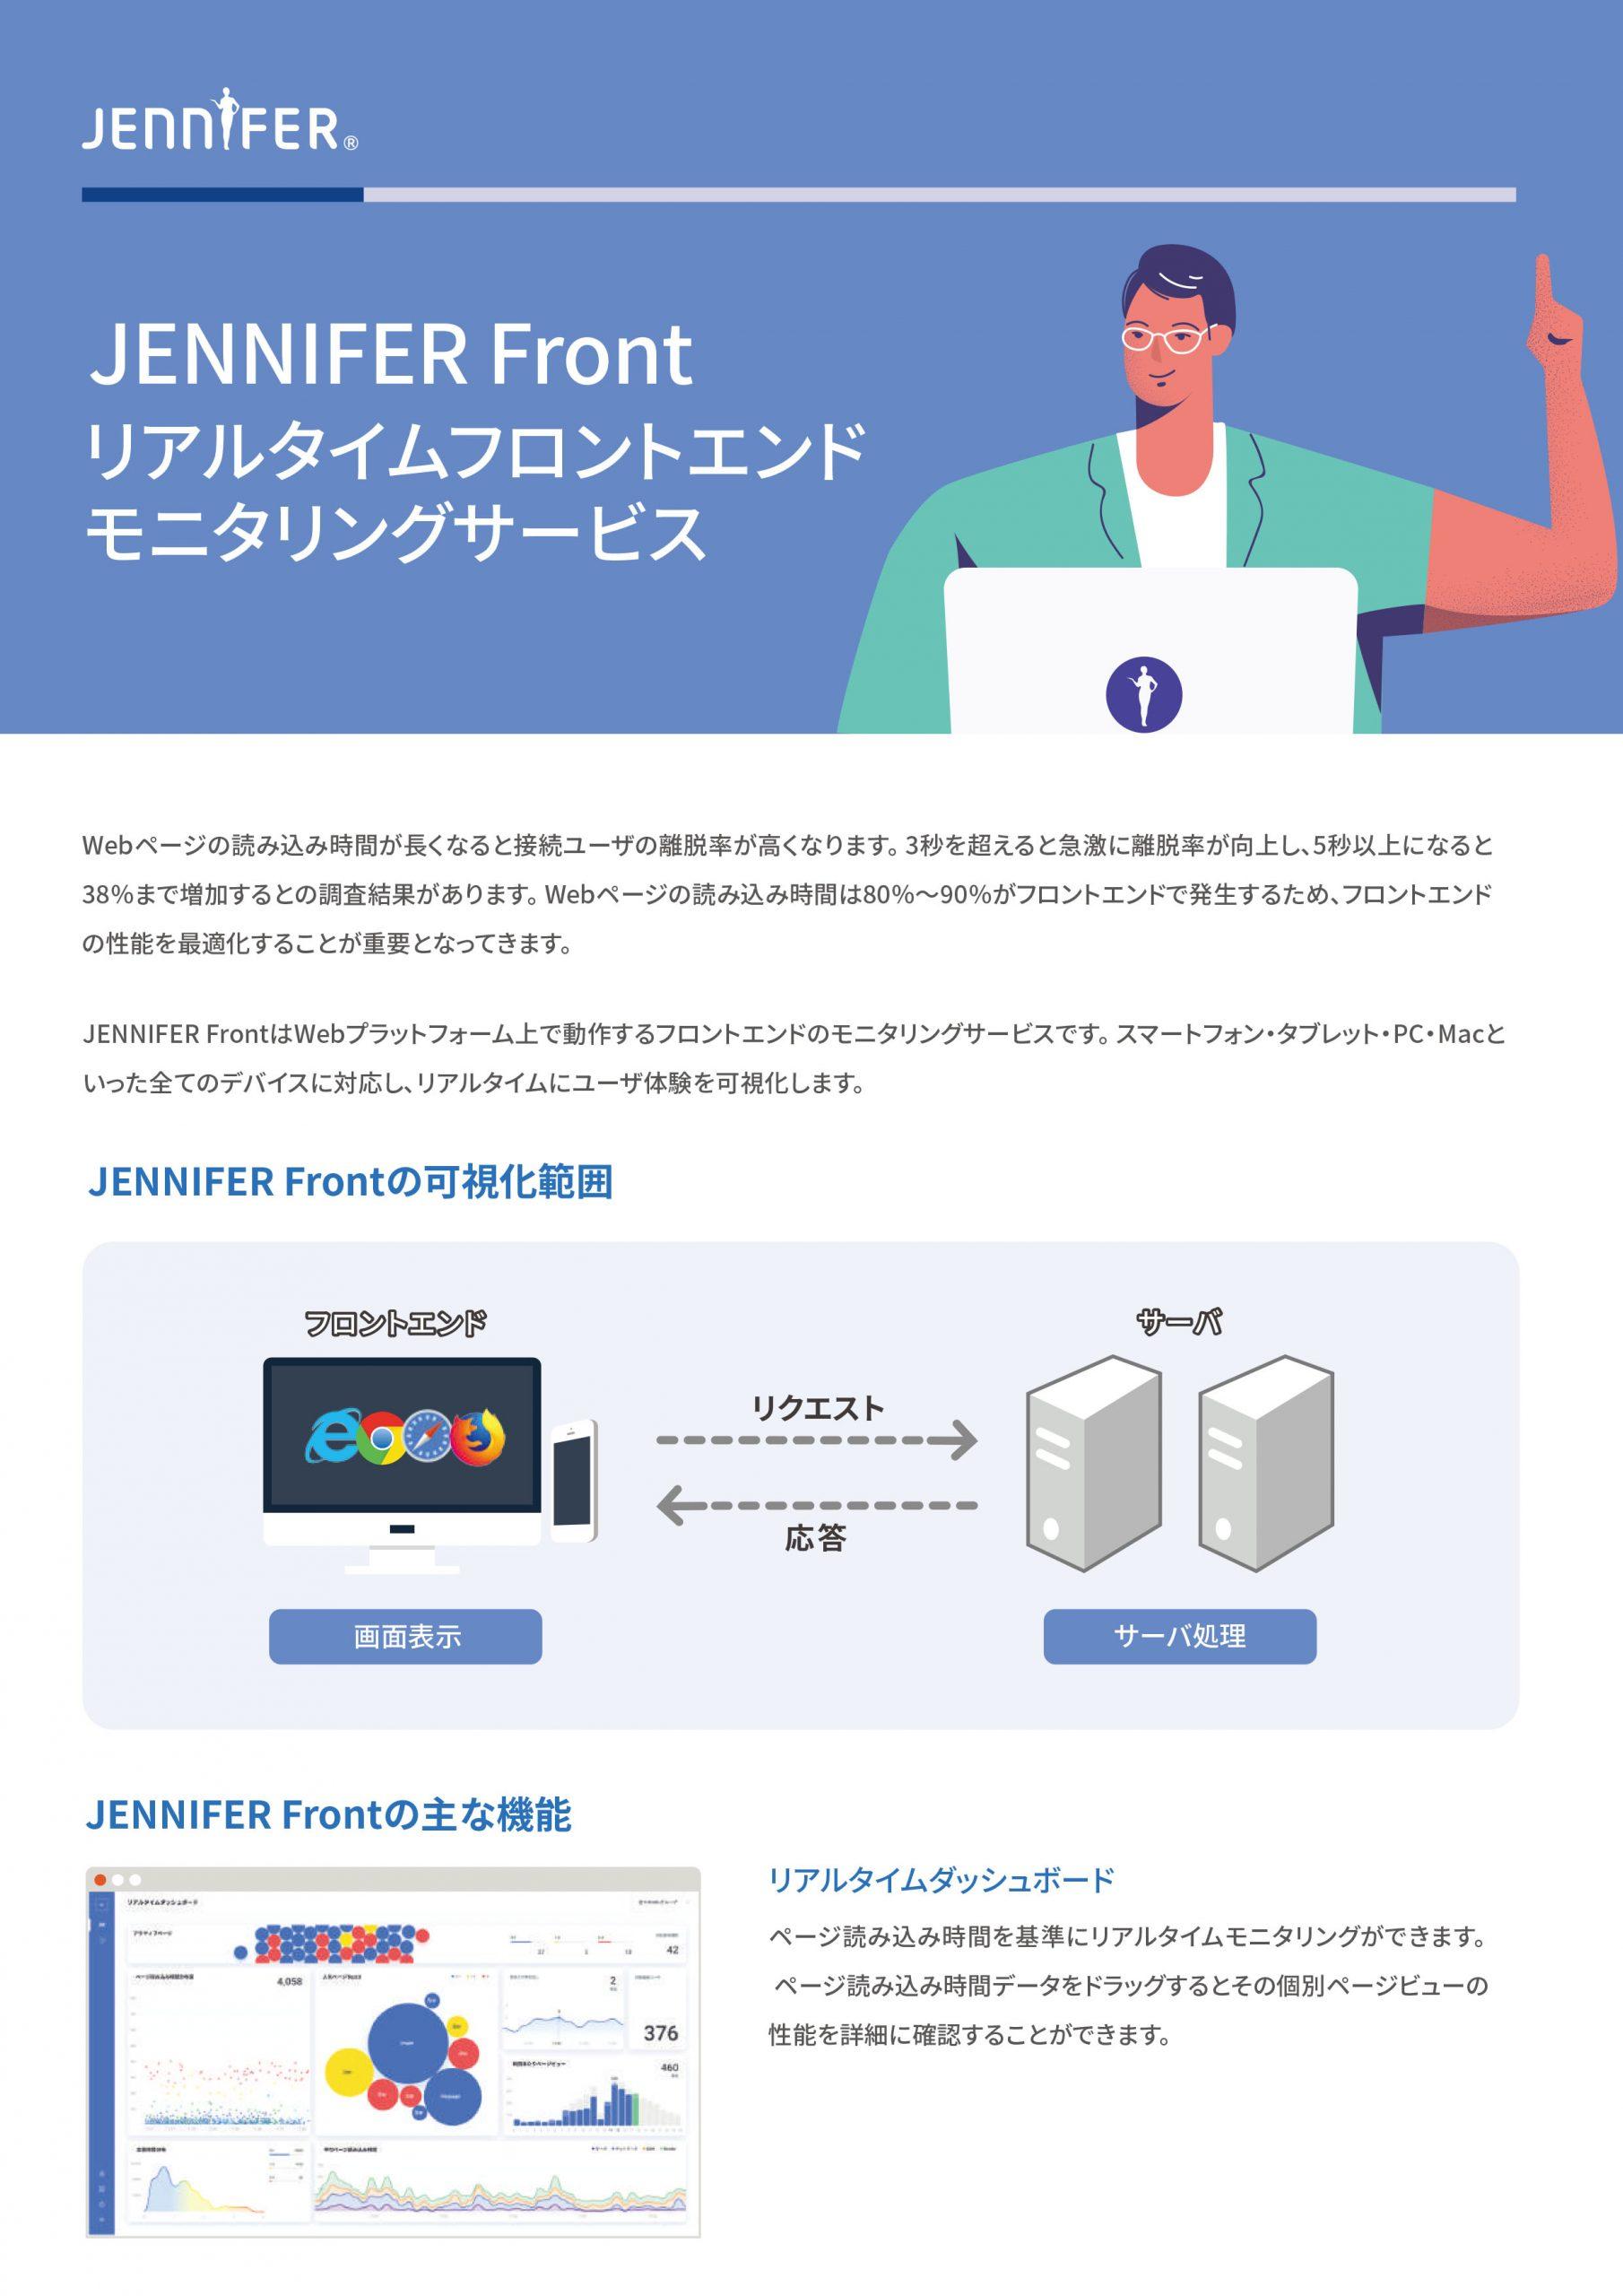 JENNIFER-Front 概要のサムネイル